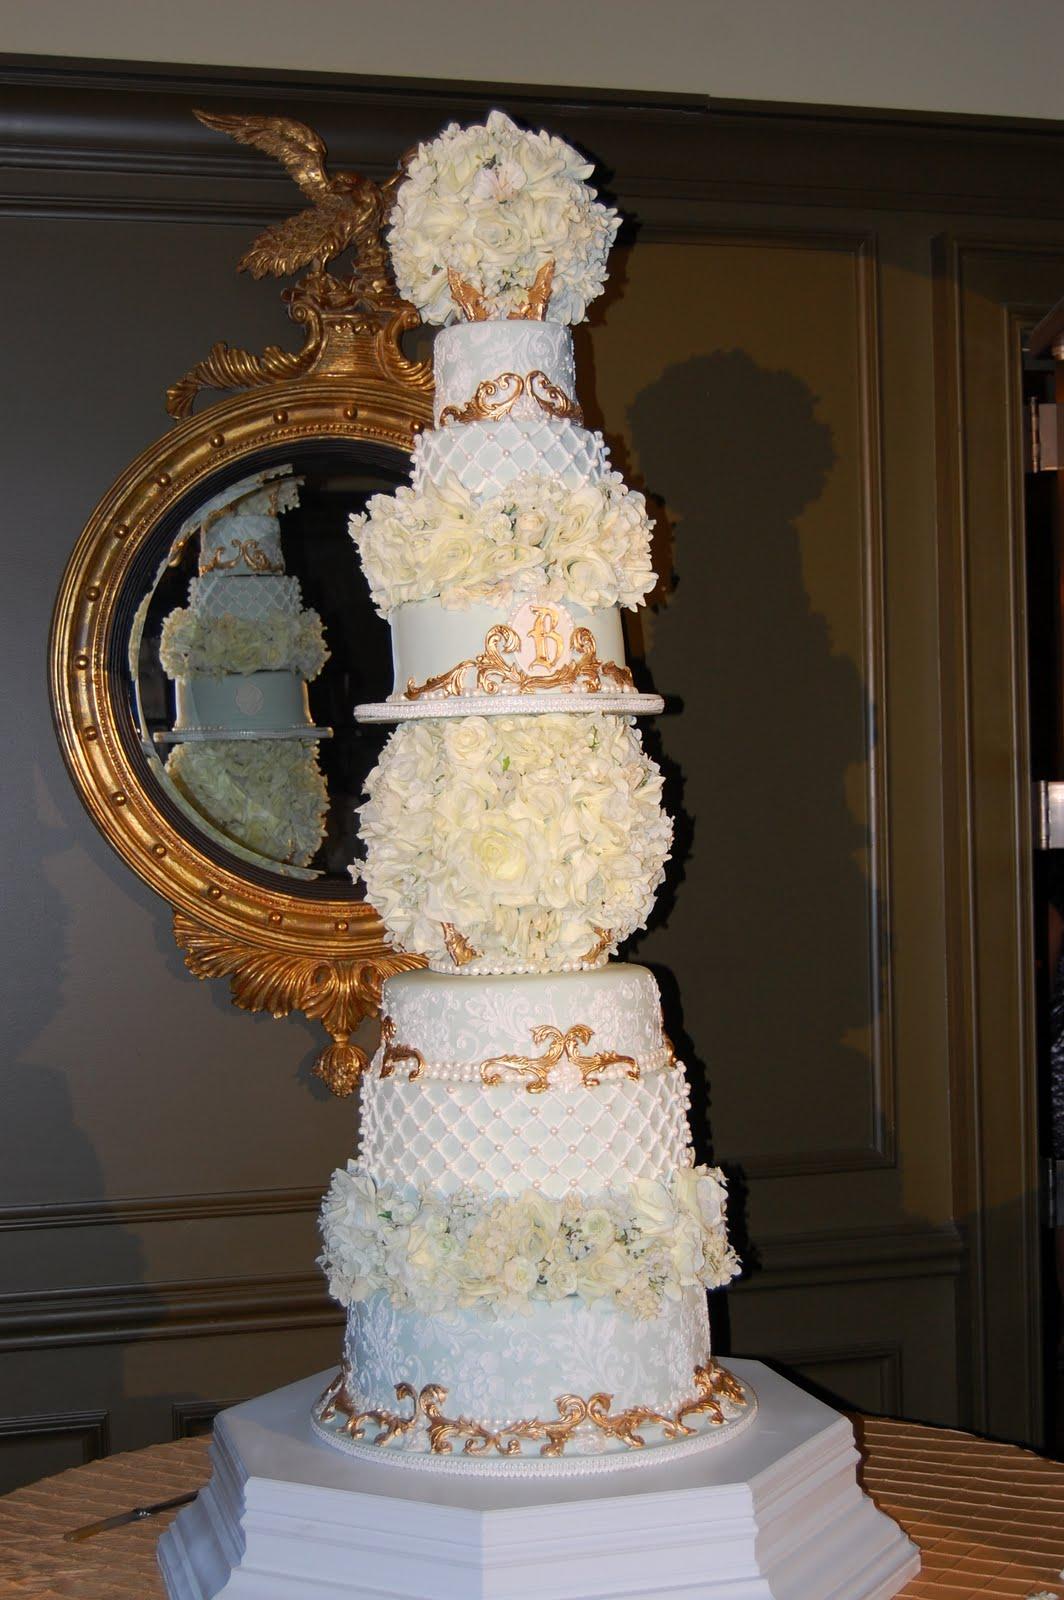 Amazing wedding cakes reference for wedding decoration amazing wedding cakes junglespirit Gallery